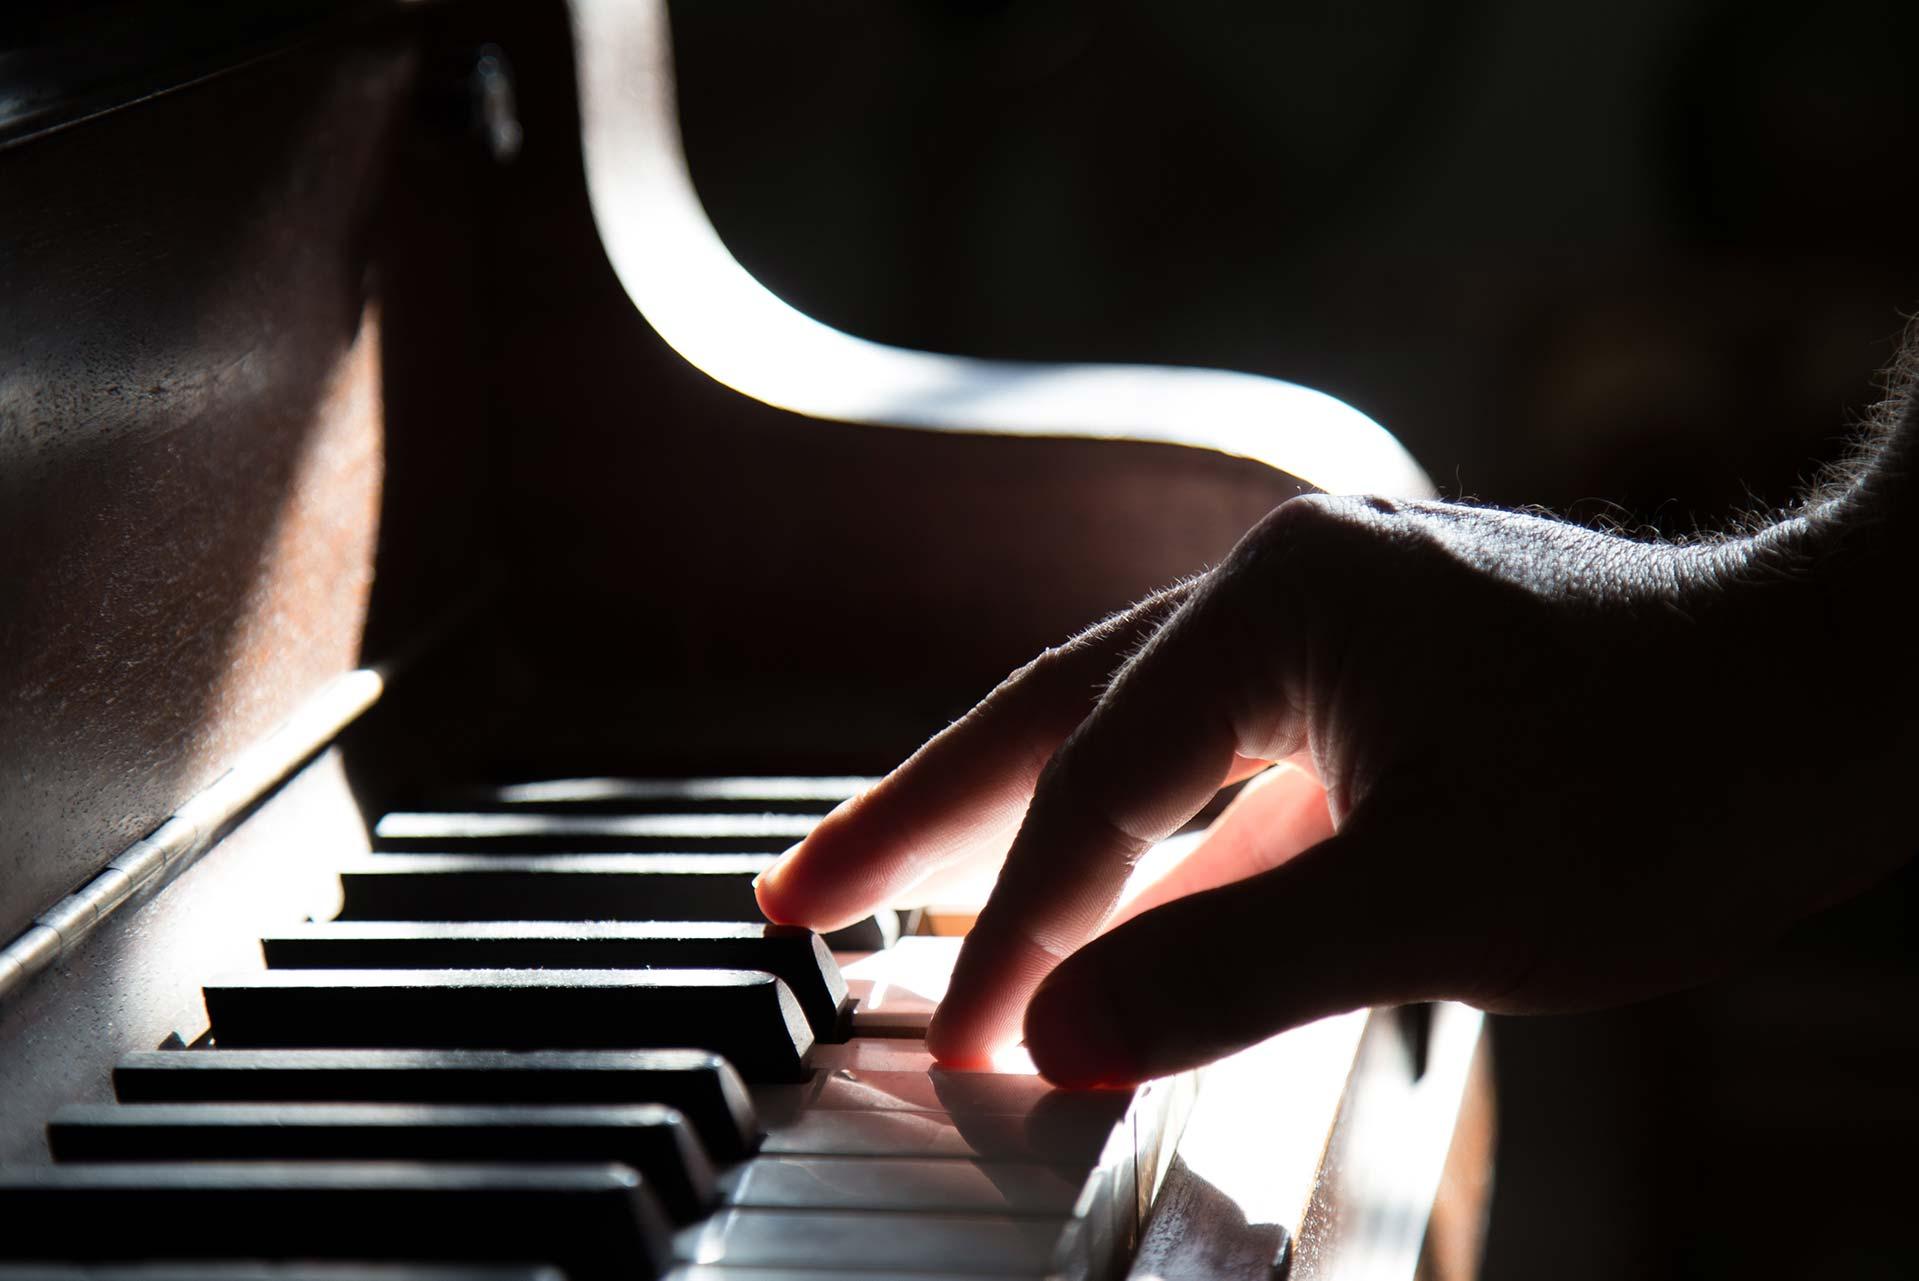 ¿Cómo saber cuál teclado o piano comprar?